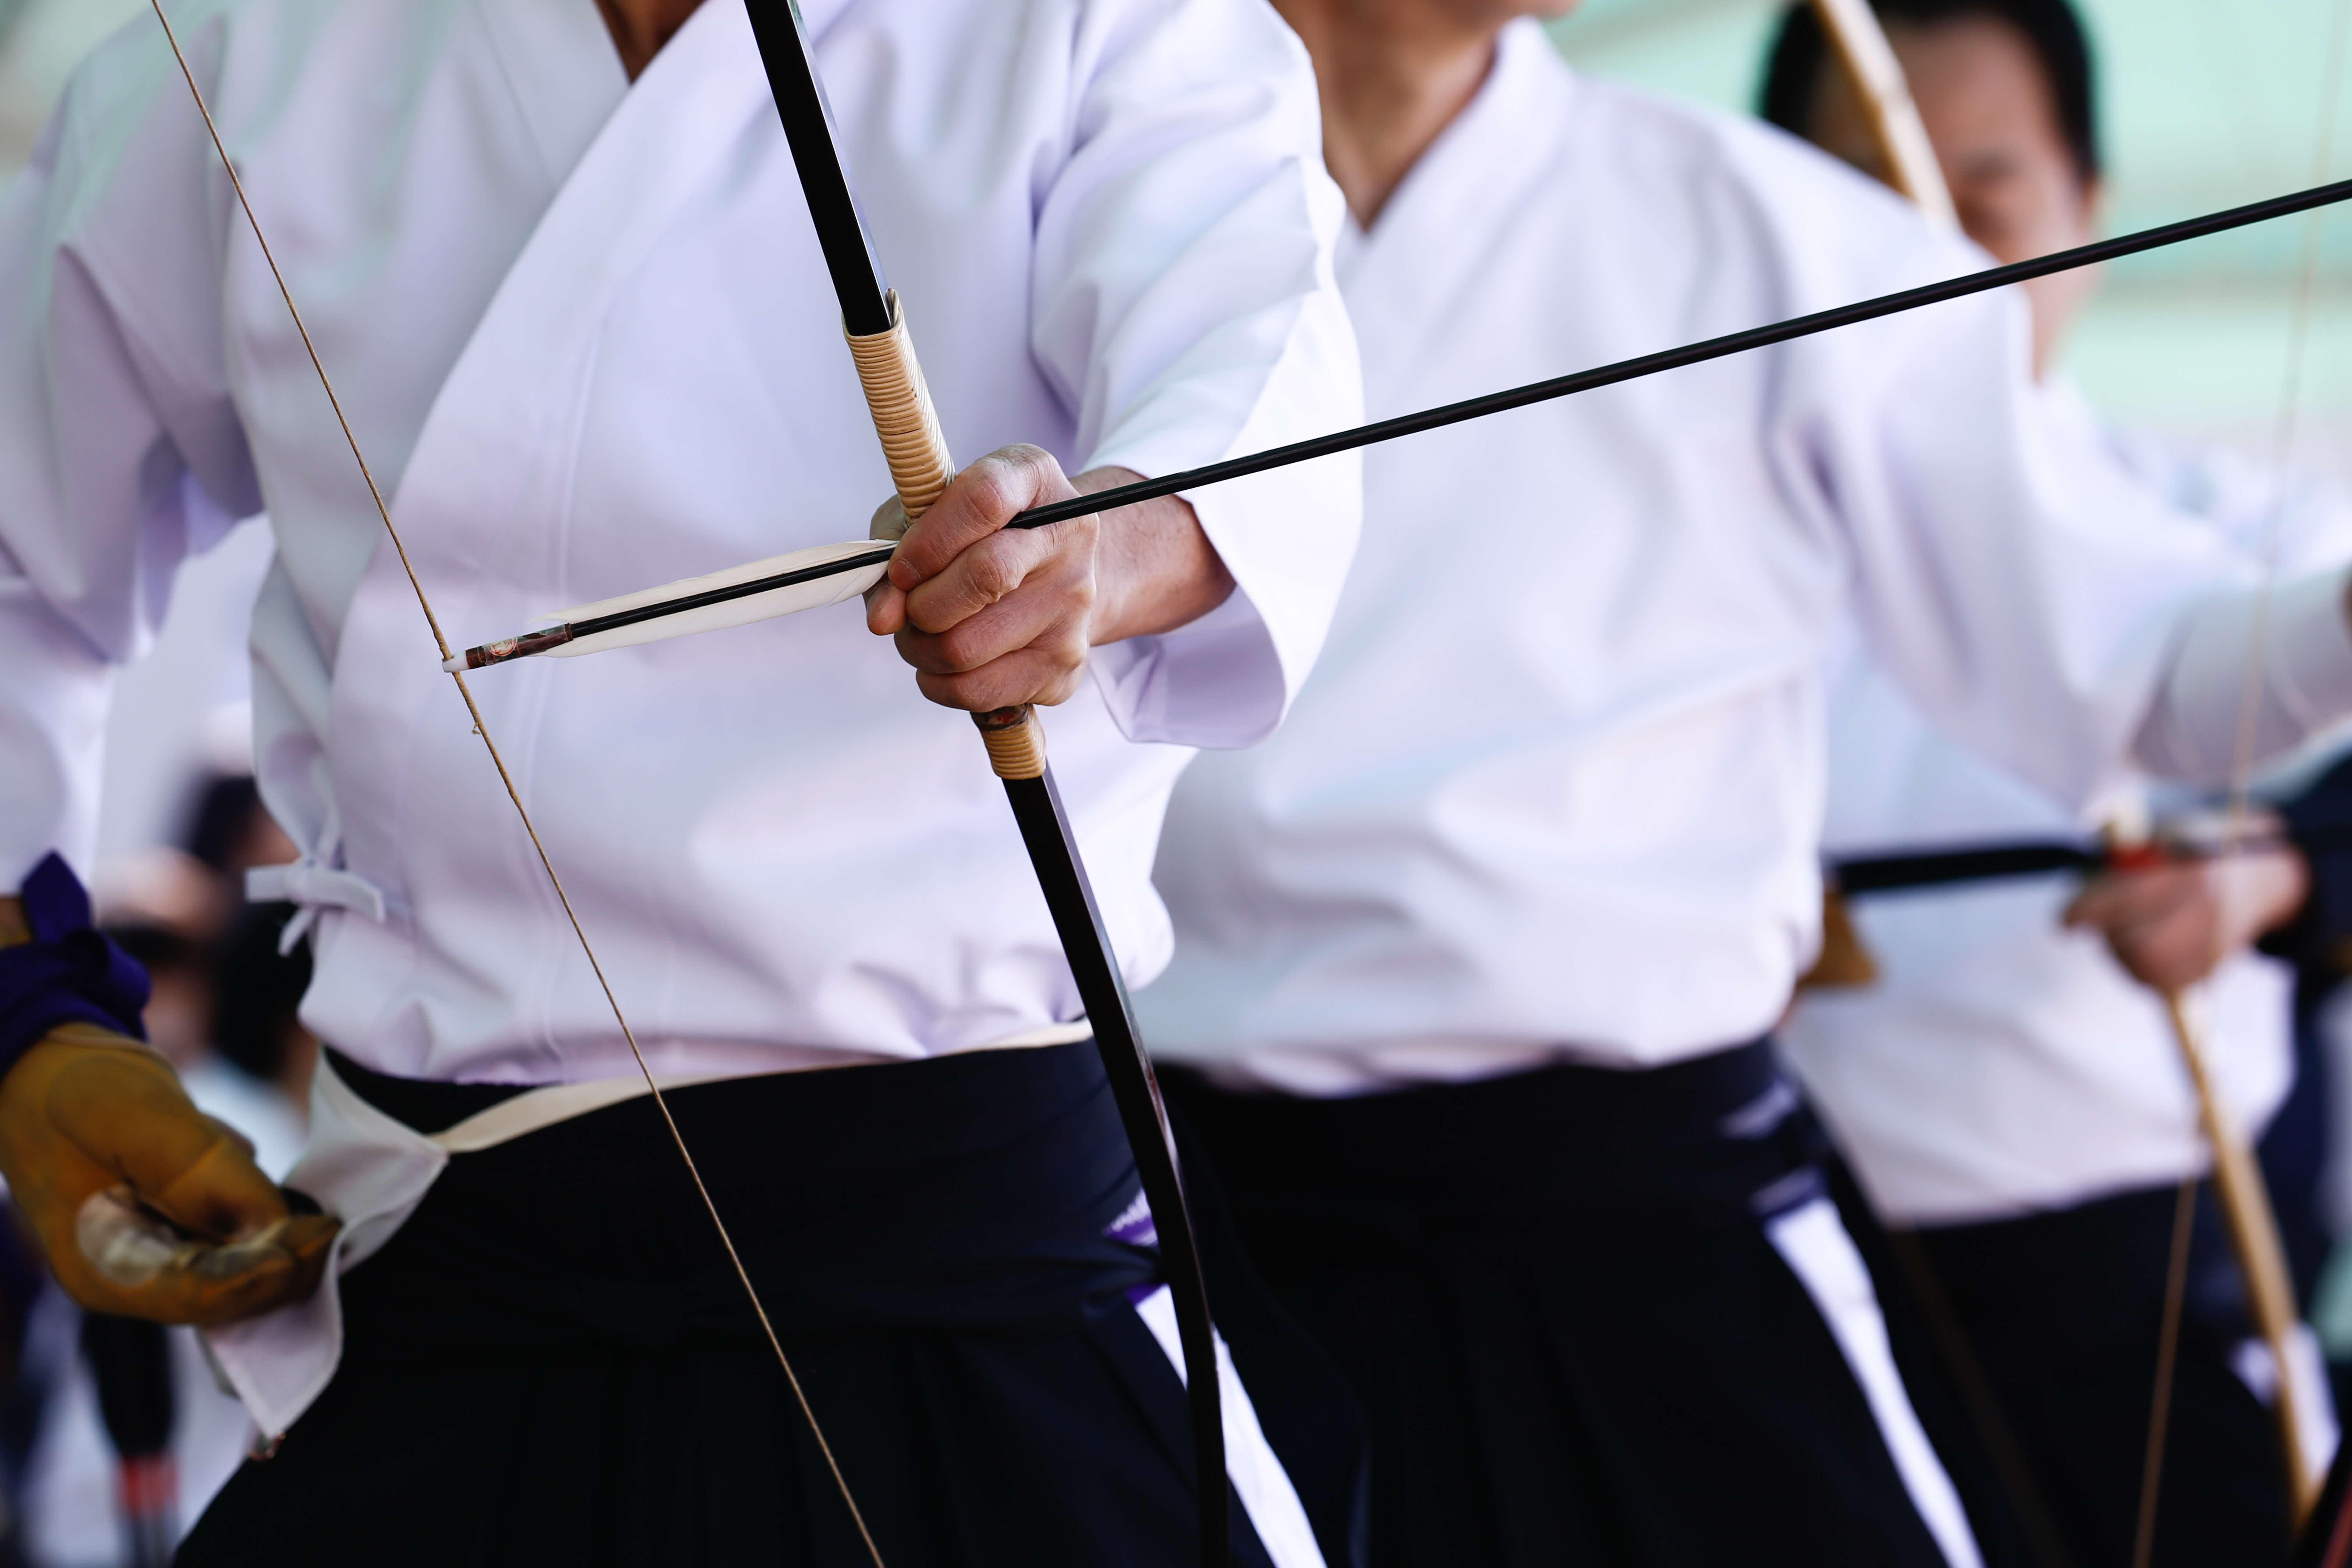 弓道をする人